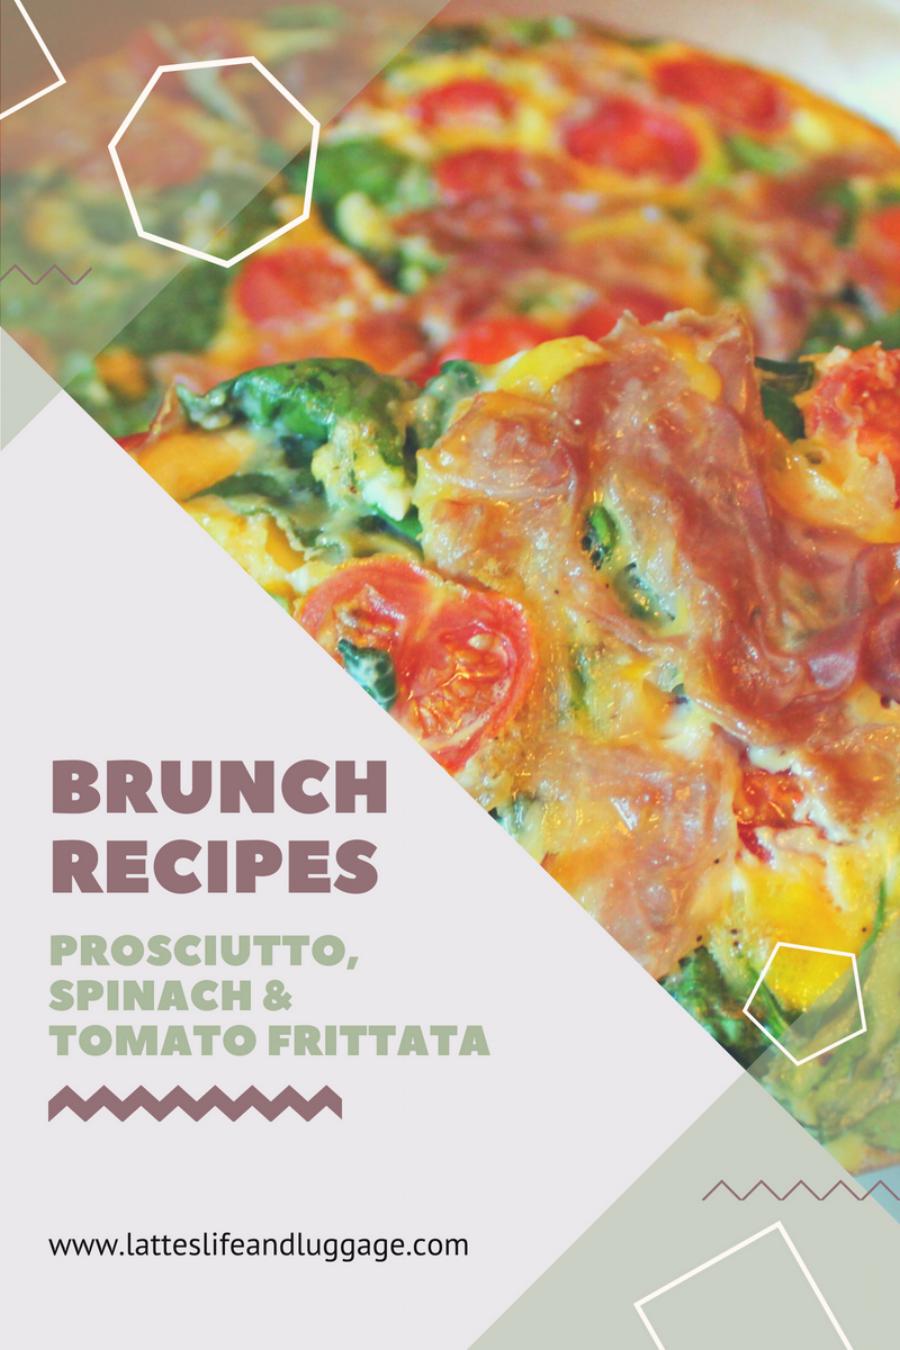 Brunch - Prosciutto, Spinach & Tomato Frittata.png